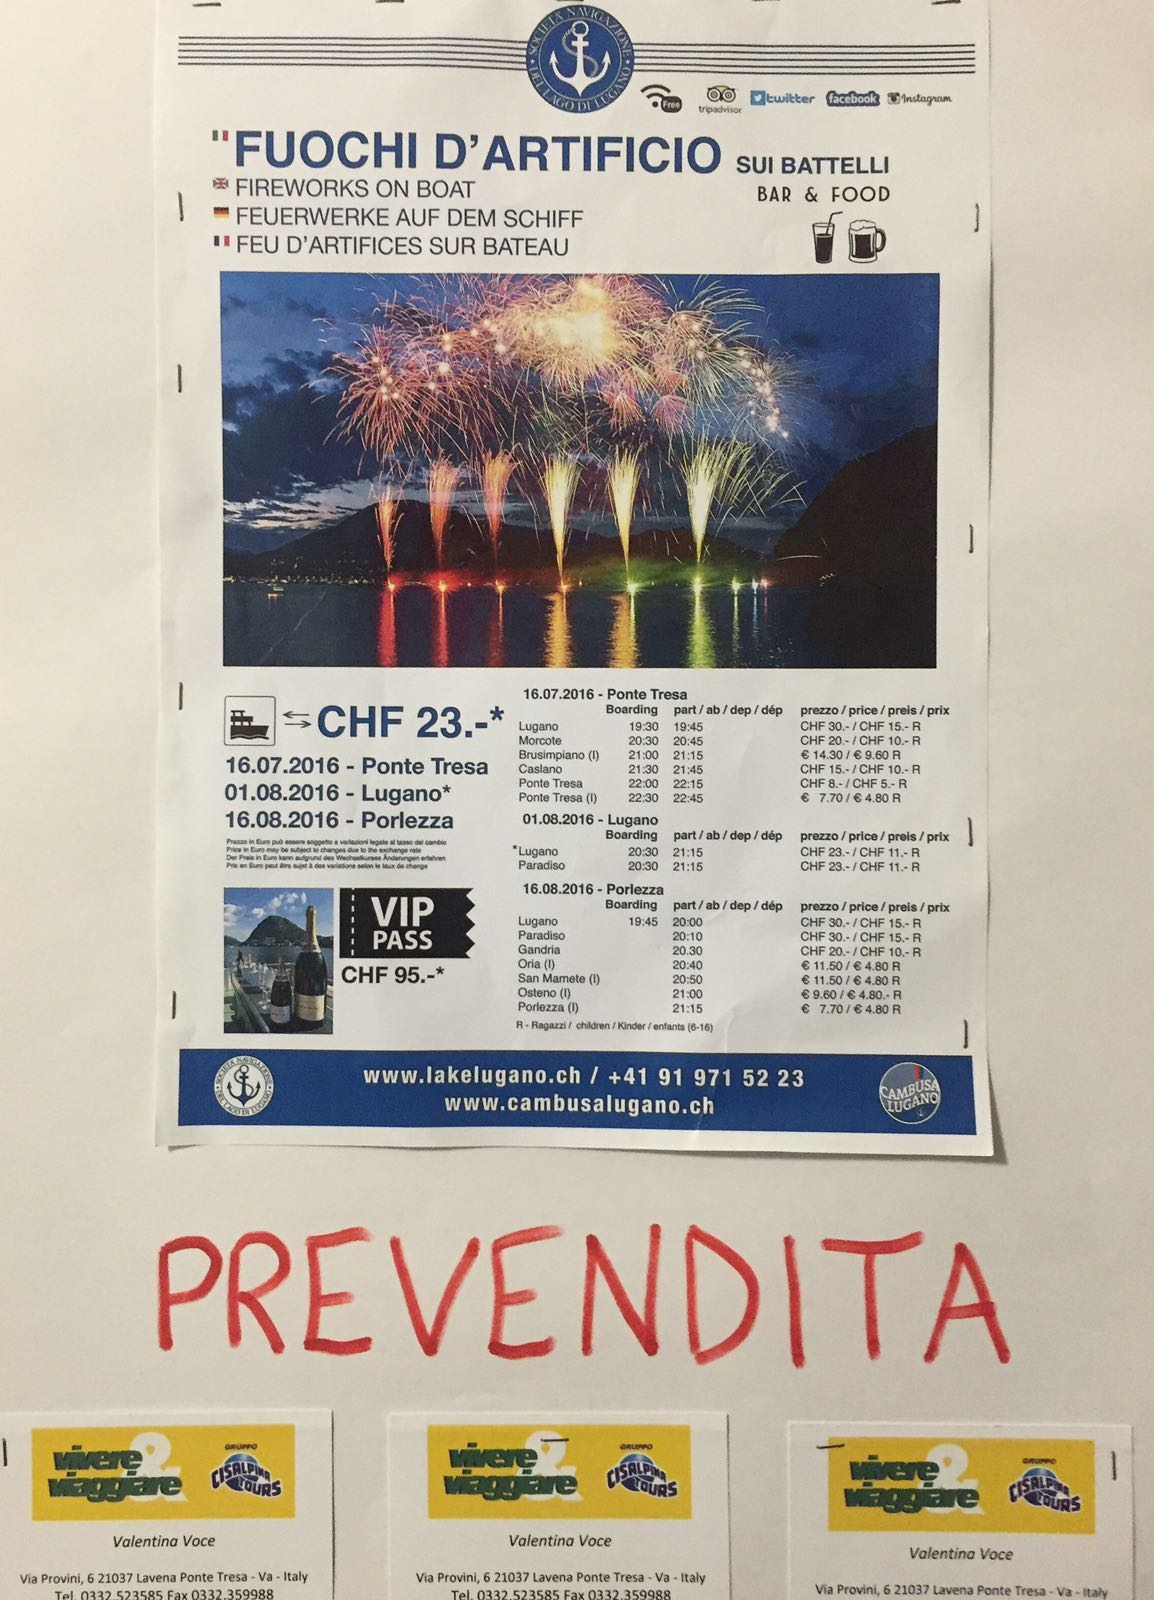 """Lavena Ponte Tresa: continua la """"Festa Italo-Svizzera"""", tutto pronto per i fuochi d'artificio. Ecco il programma"""